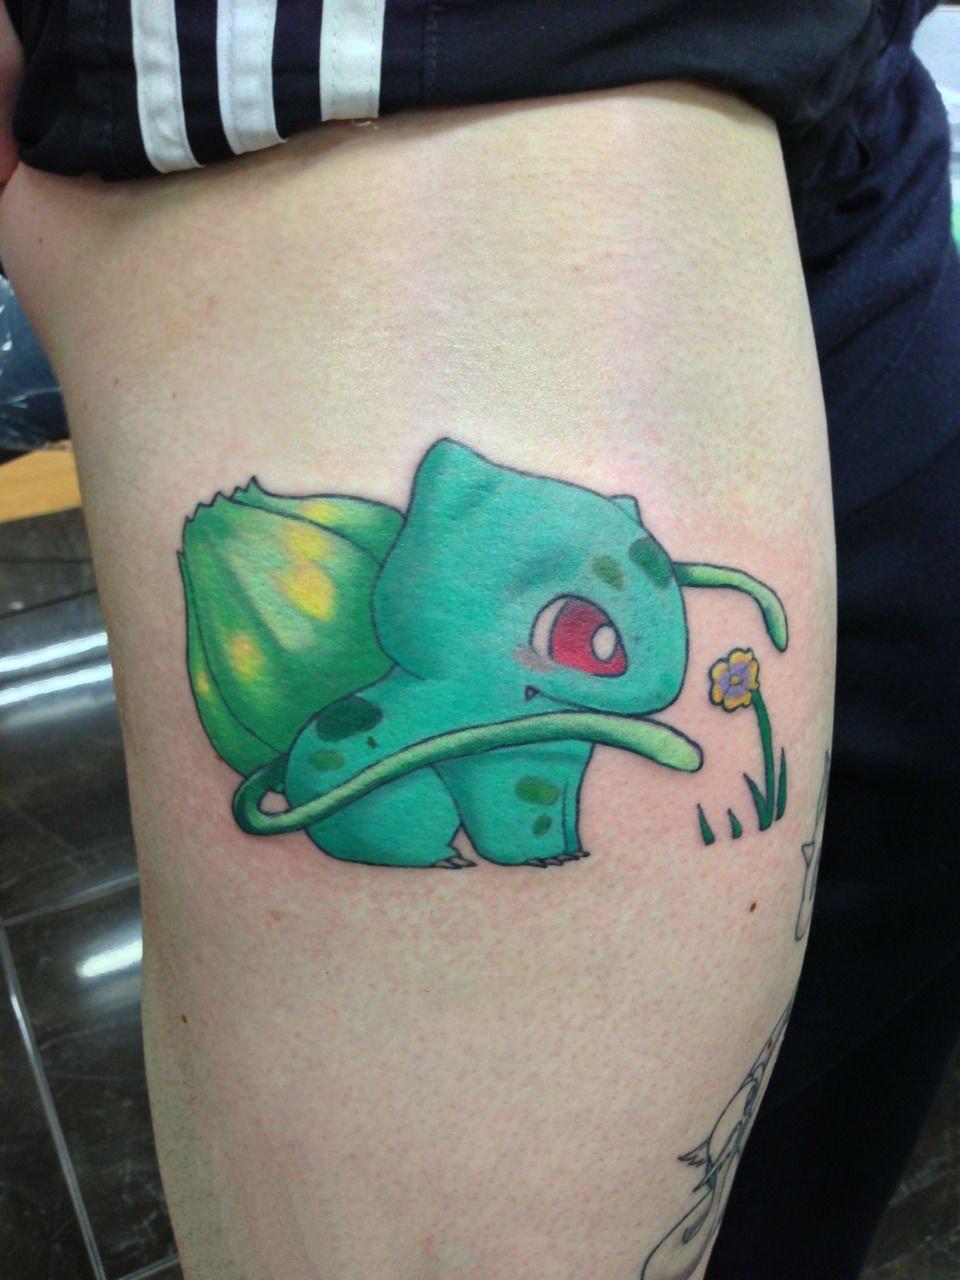 神奇宝贝纹身  可爱的彩绘卡通神奇宝贝纹身图案